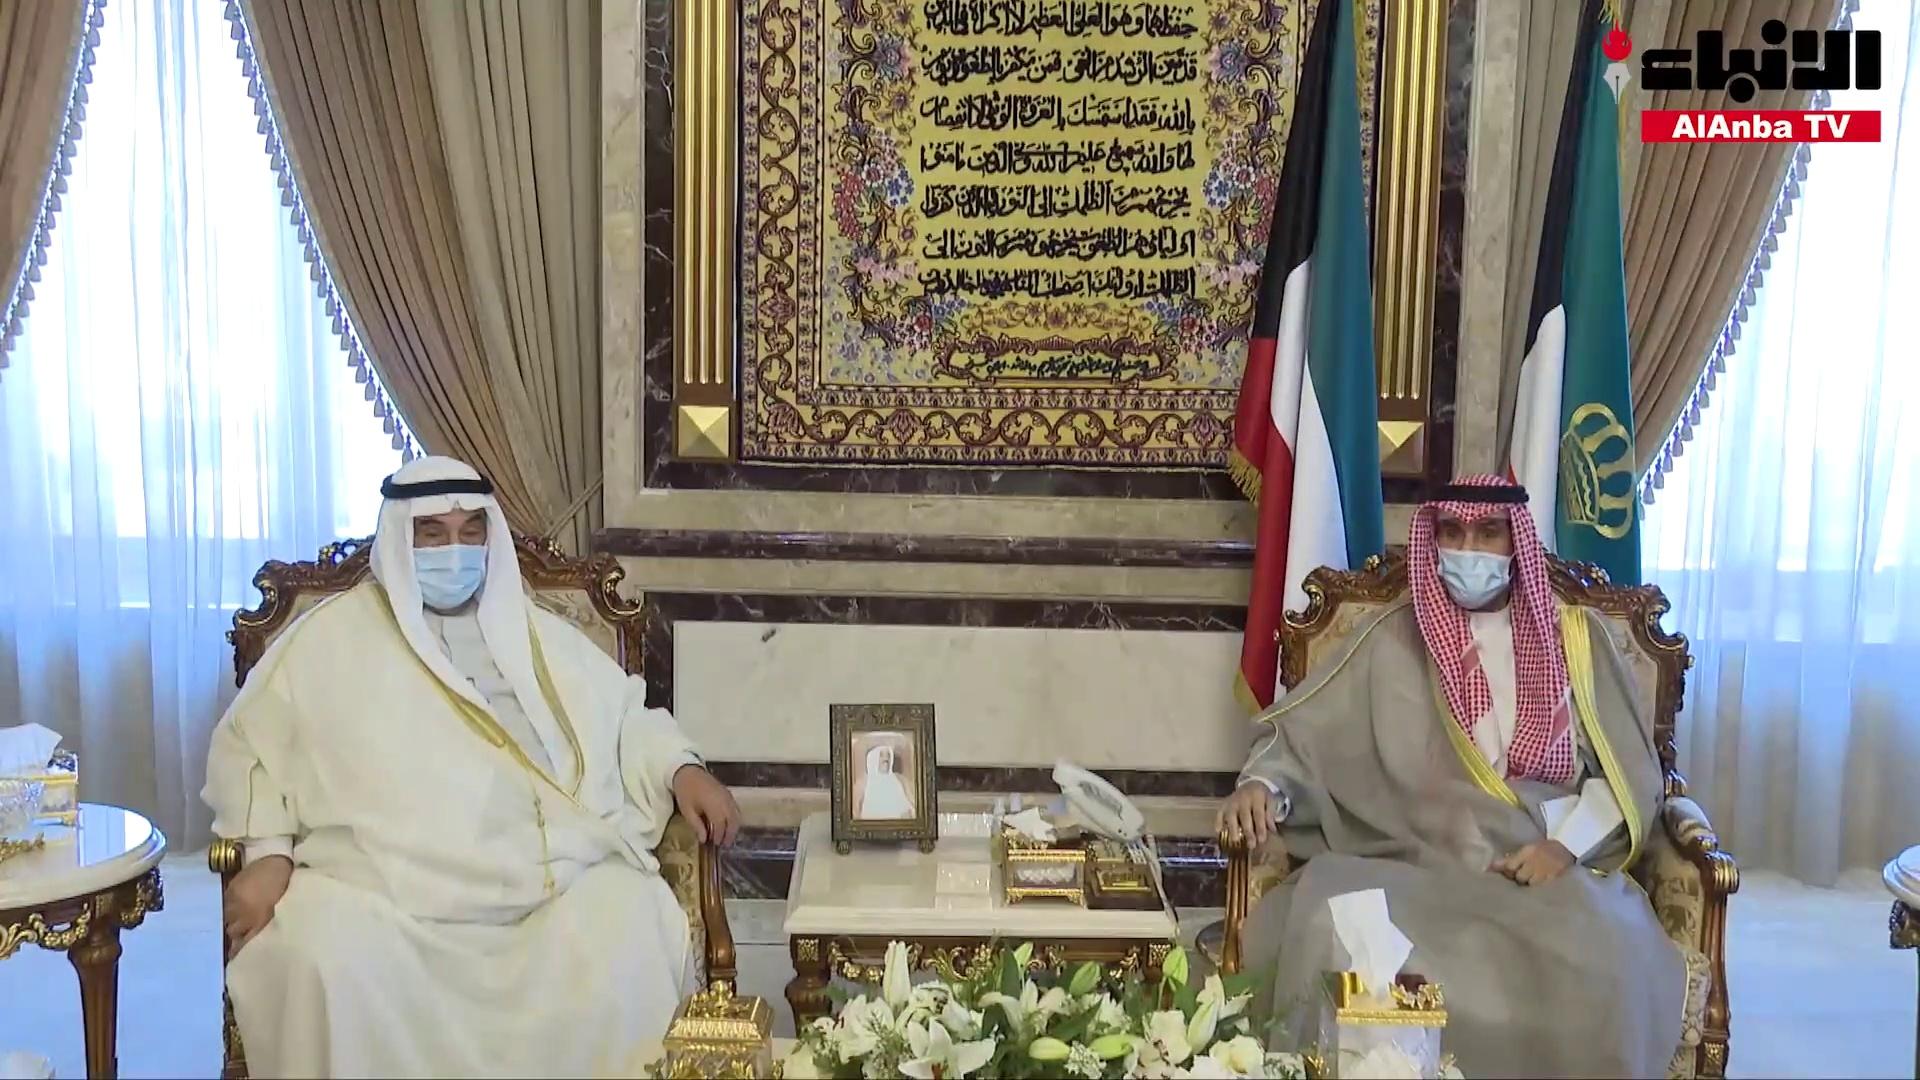 الأمير استقبل رئيسي السلطتين والمحمد والشايع